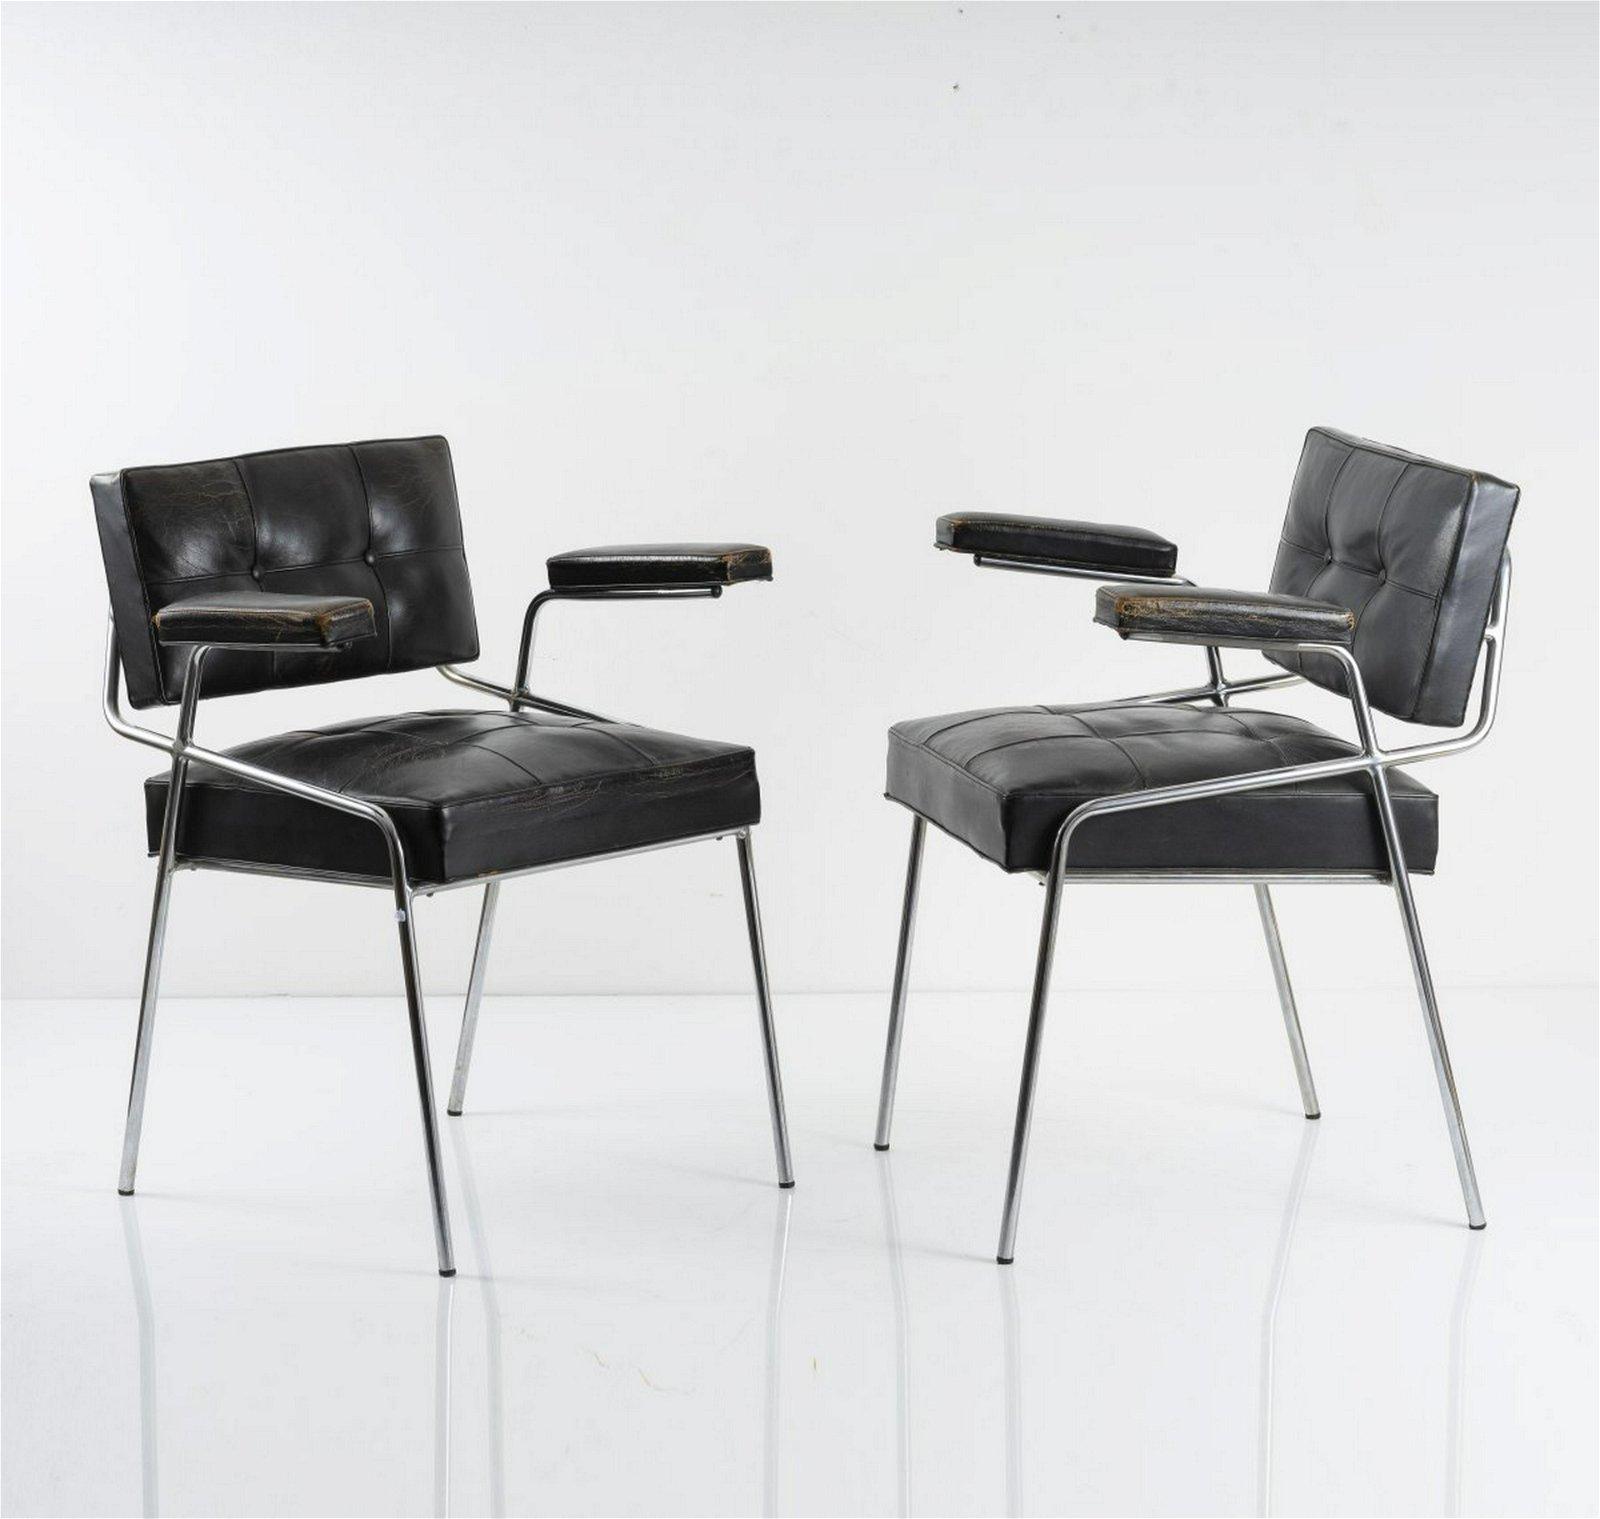 Alain Richard, Two armchairs, 1954